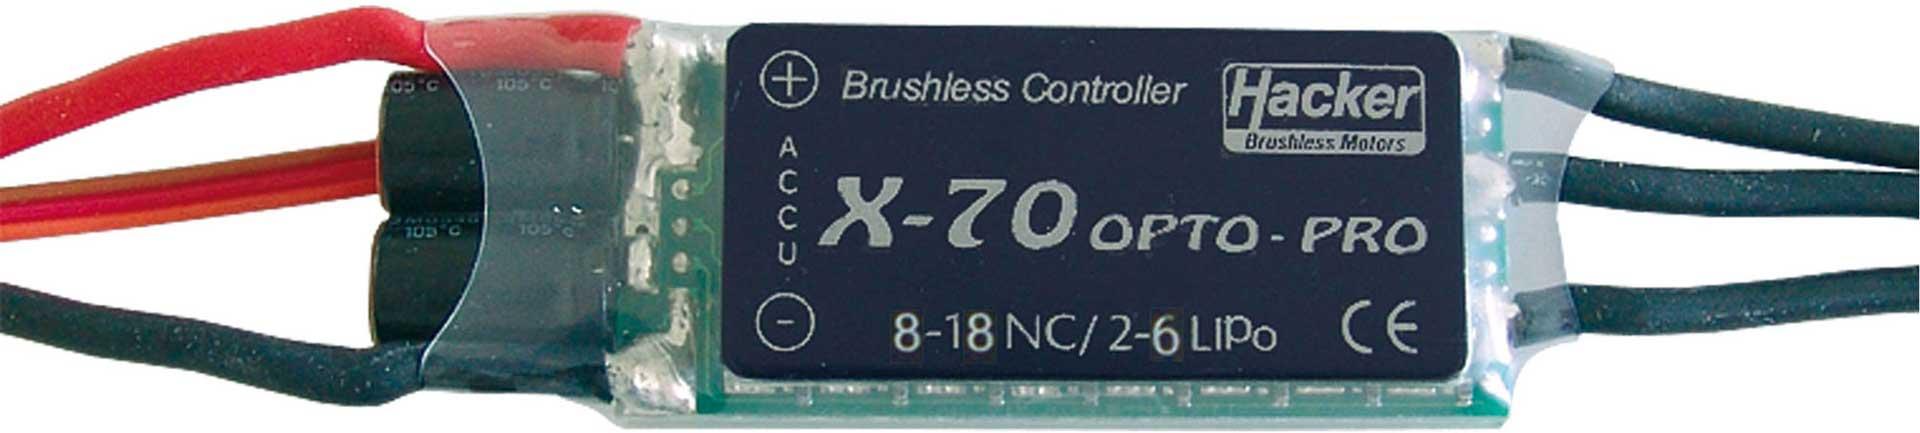 HACKER X-70 PRO OPTO BRUSHLESS ESC